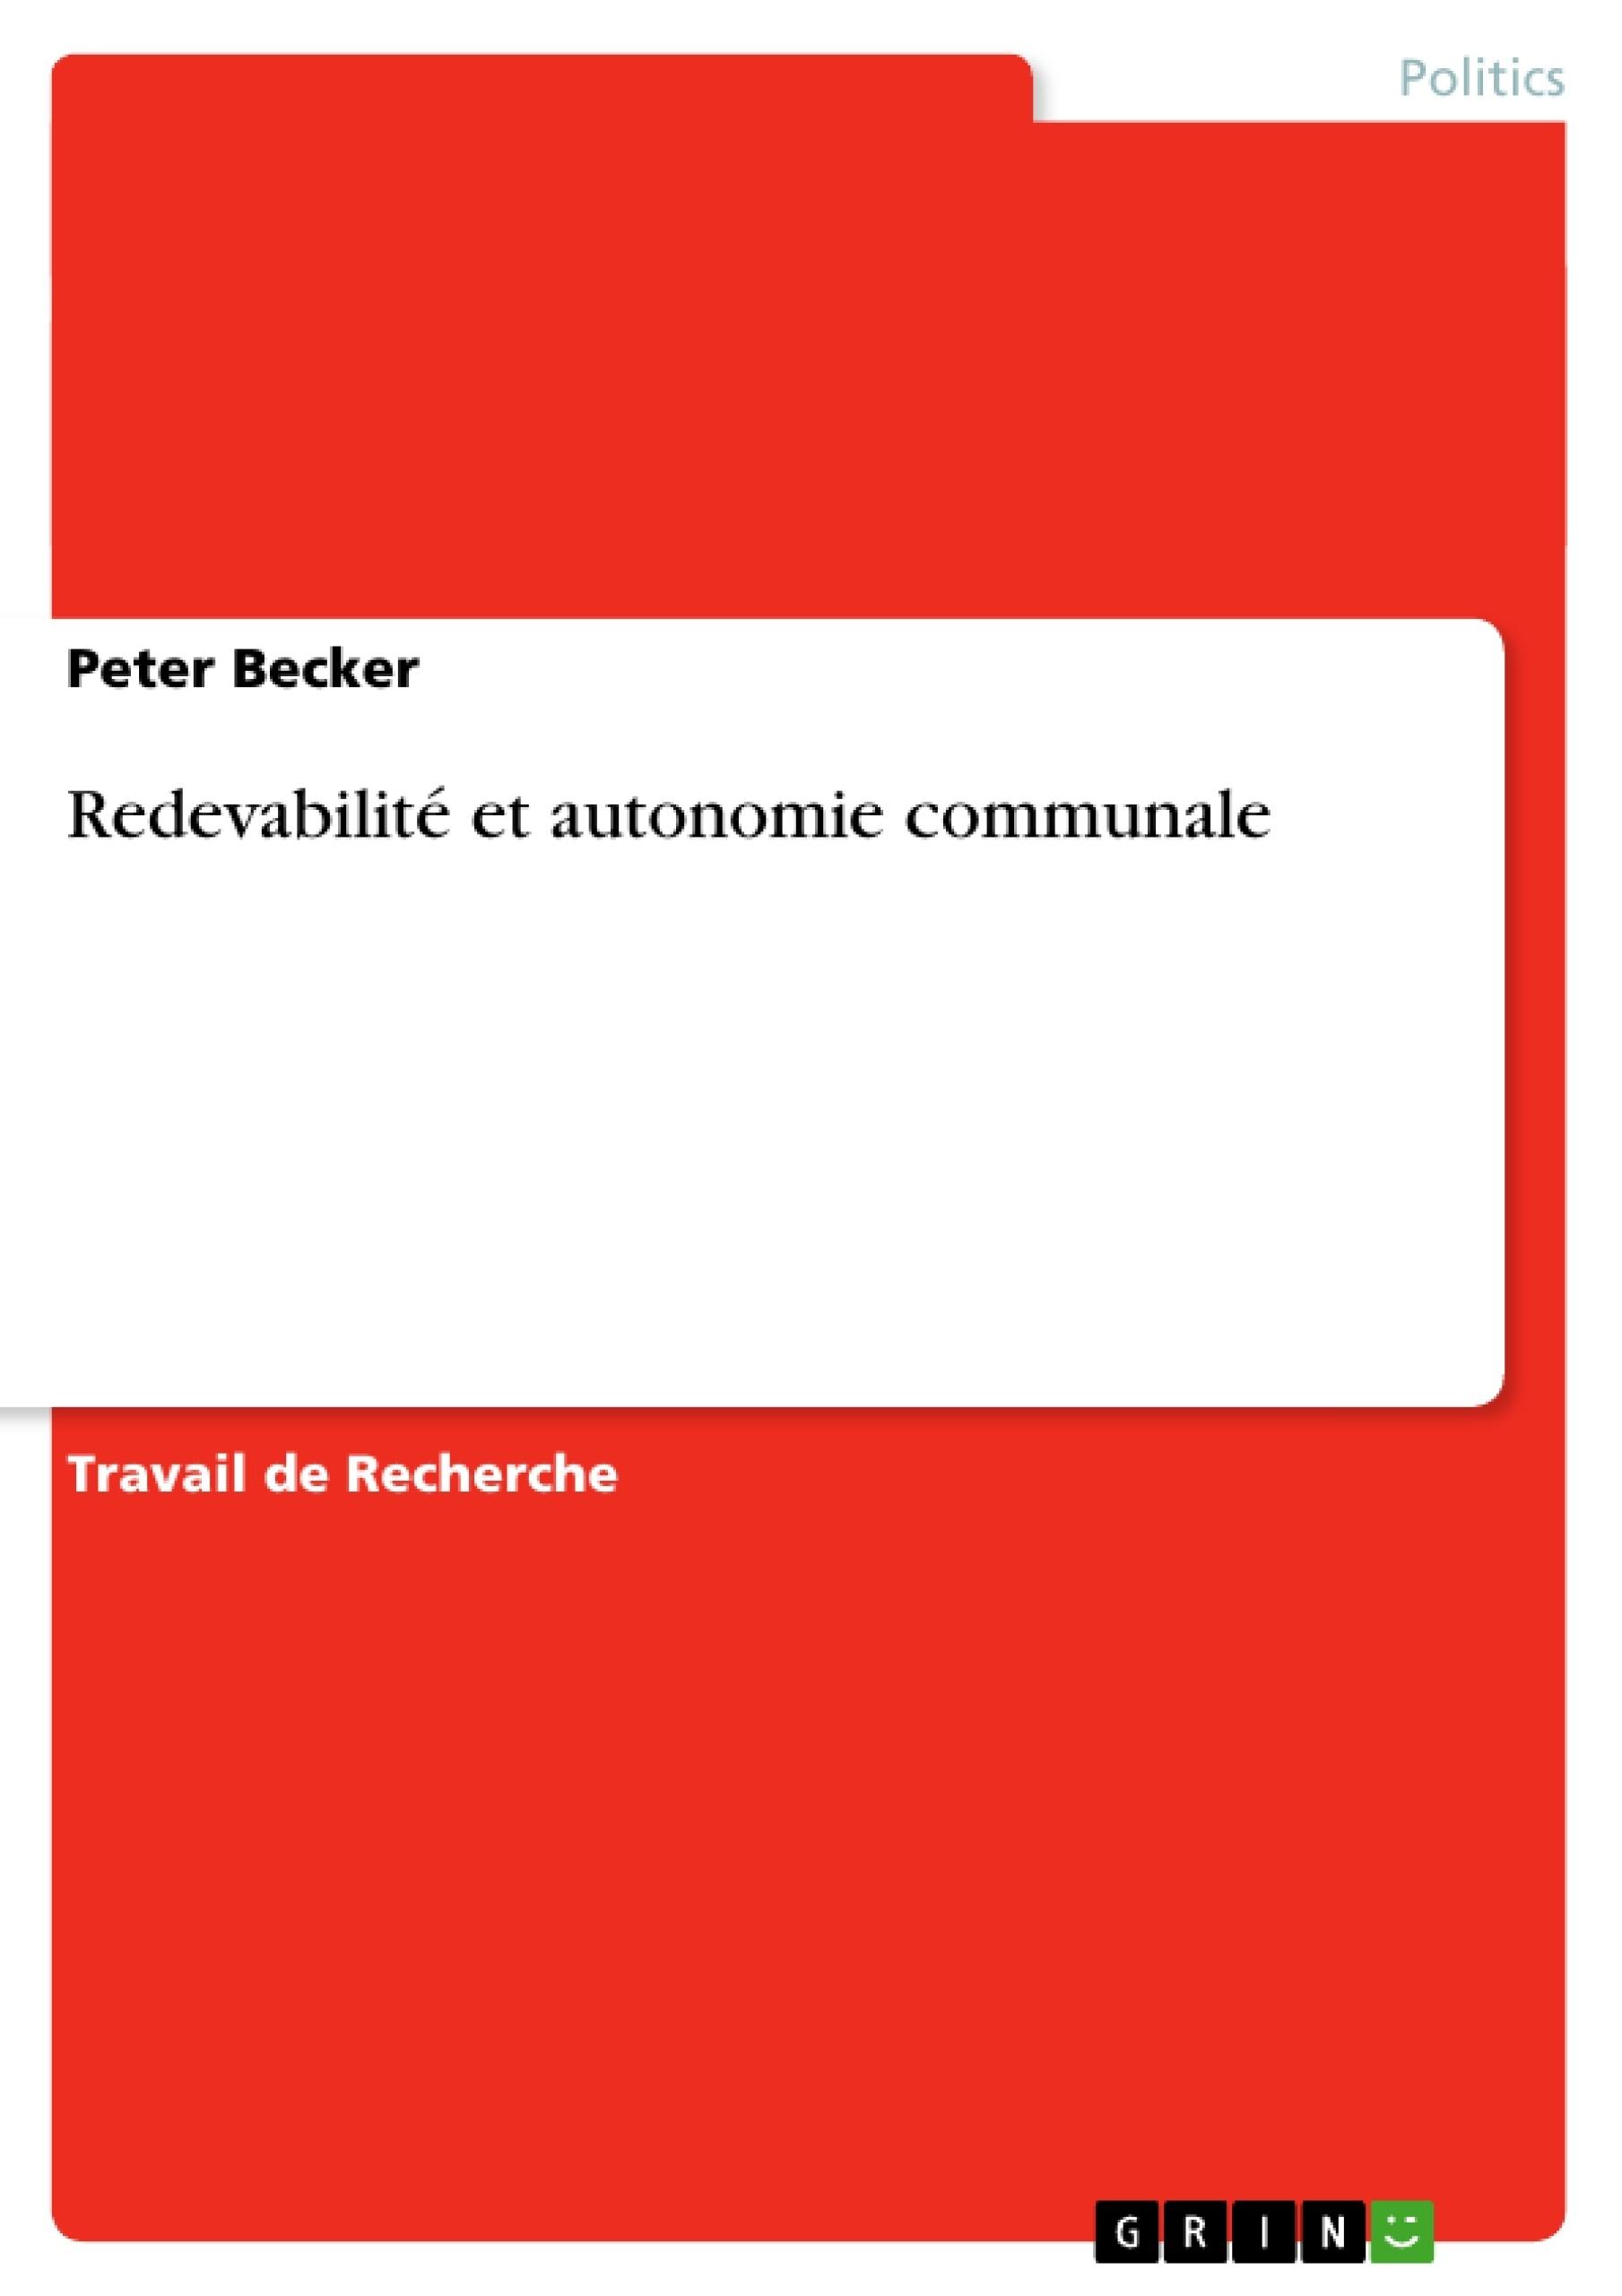 Titre: Redevabilité et autonomie communale